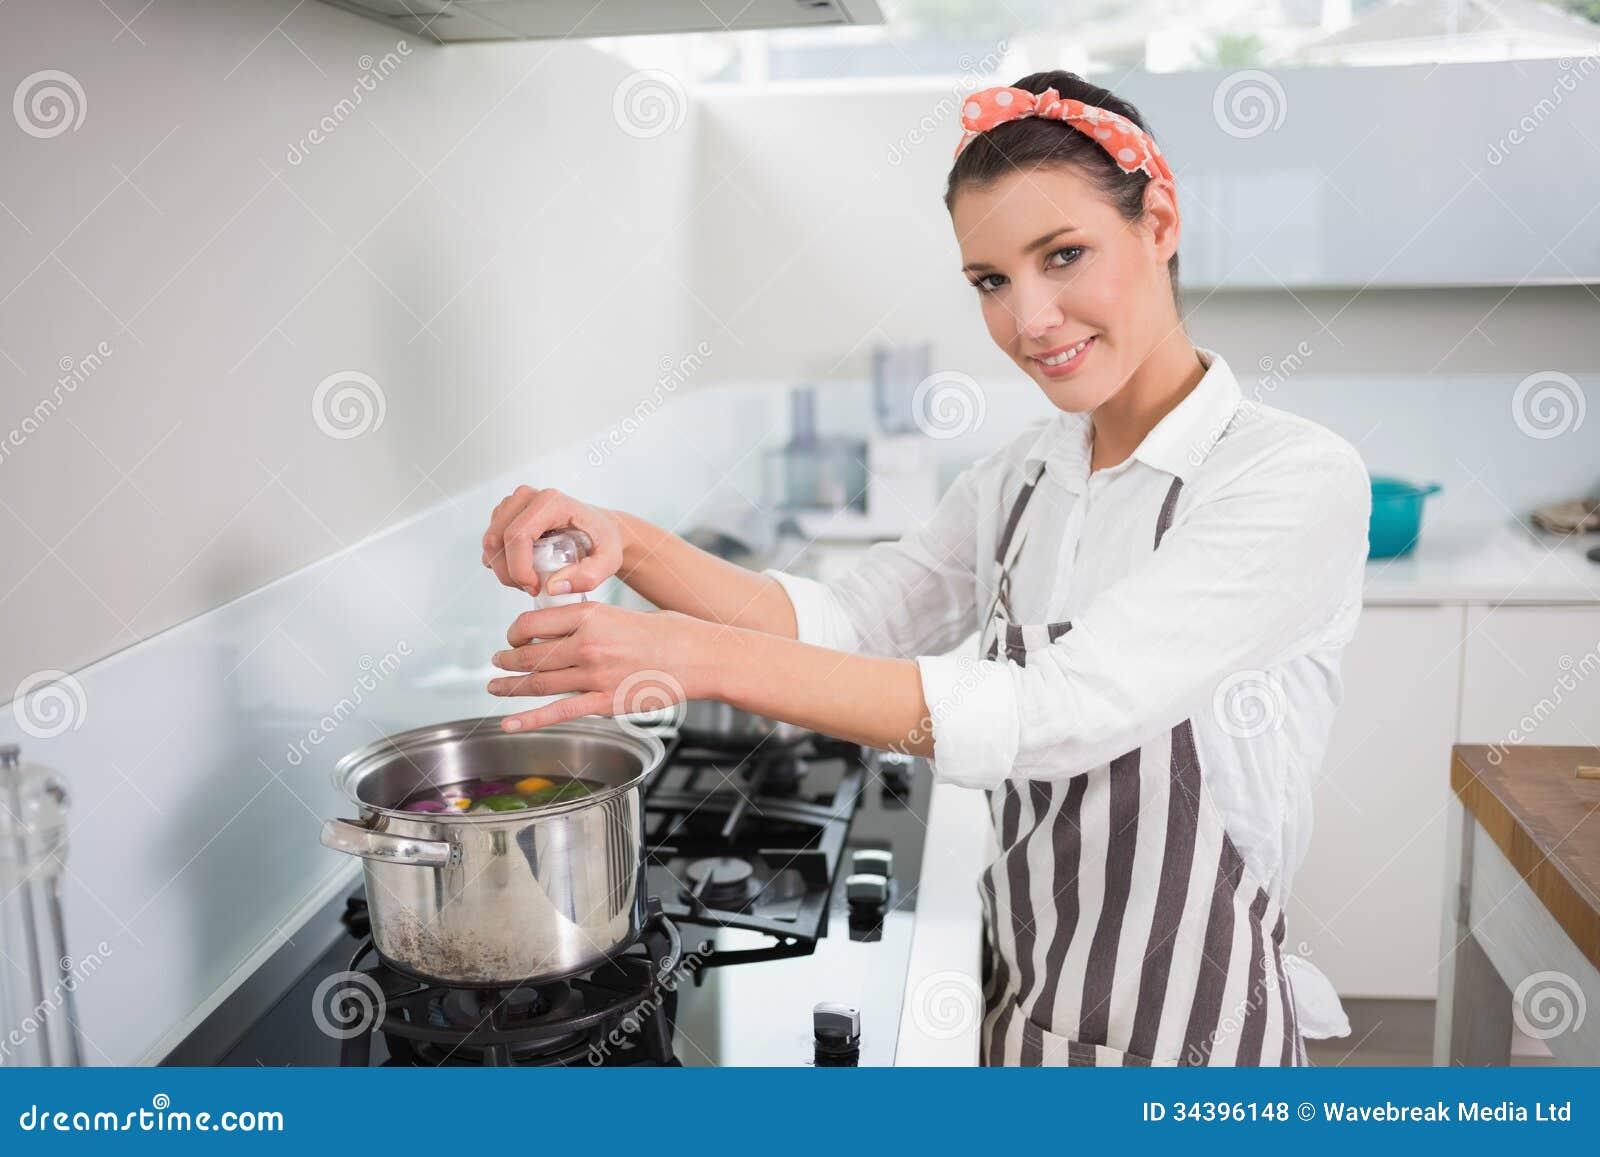 cuisinier magnifique de sourire mettant le sel sur des